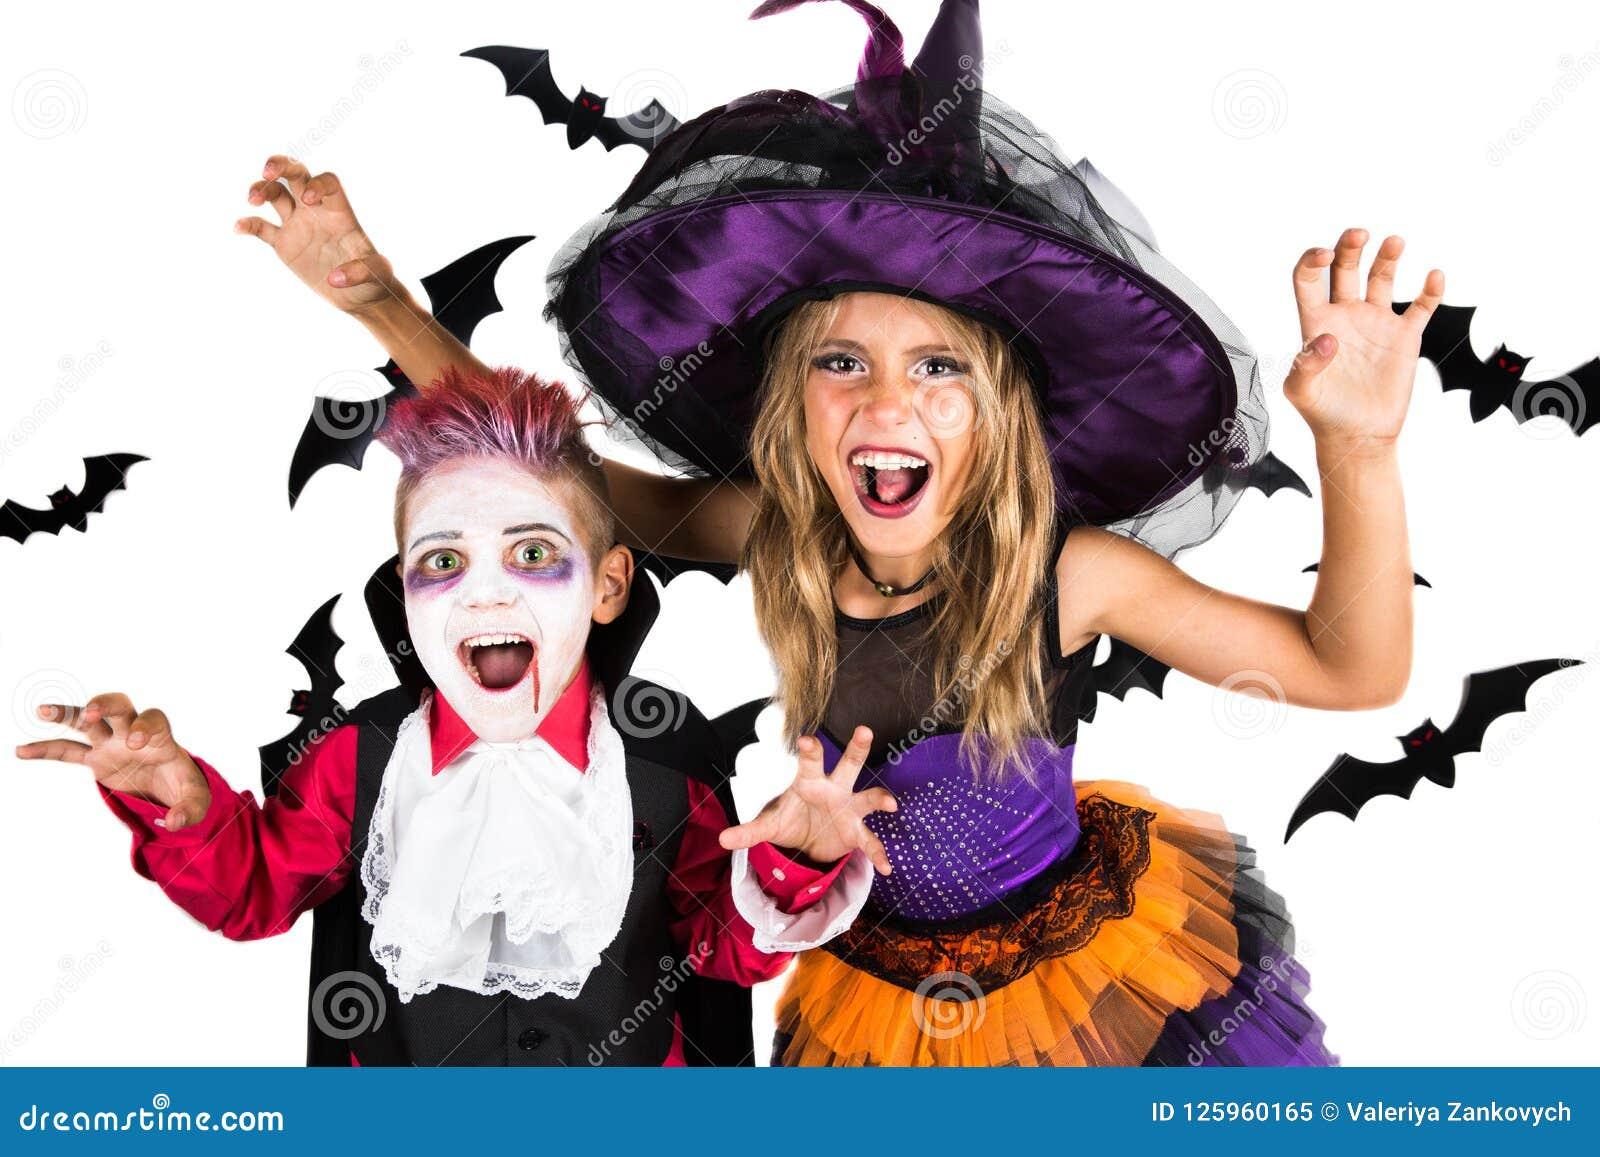 万圣夜孩子、愉快的可怕女孩和男孩在巫婆、巫师和吸血鬼南瓜补丁的德雷库拉万圣夜服装装饰了